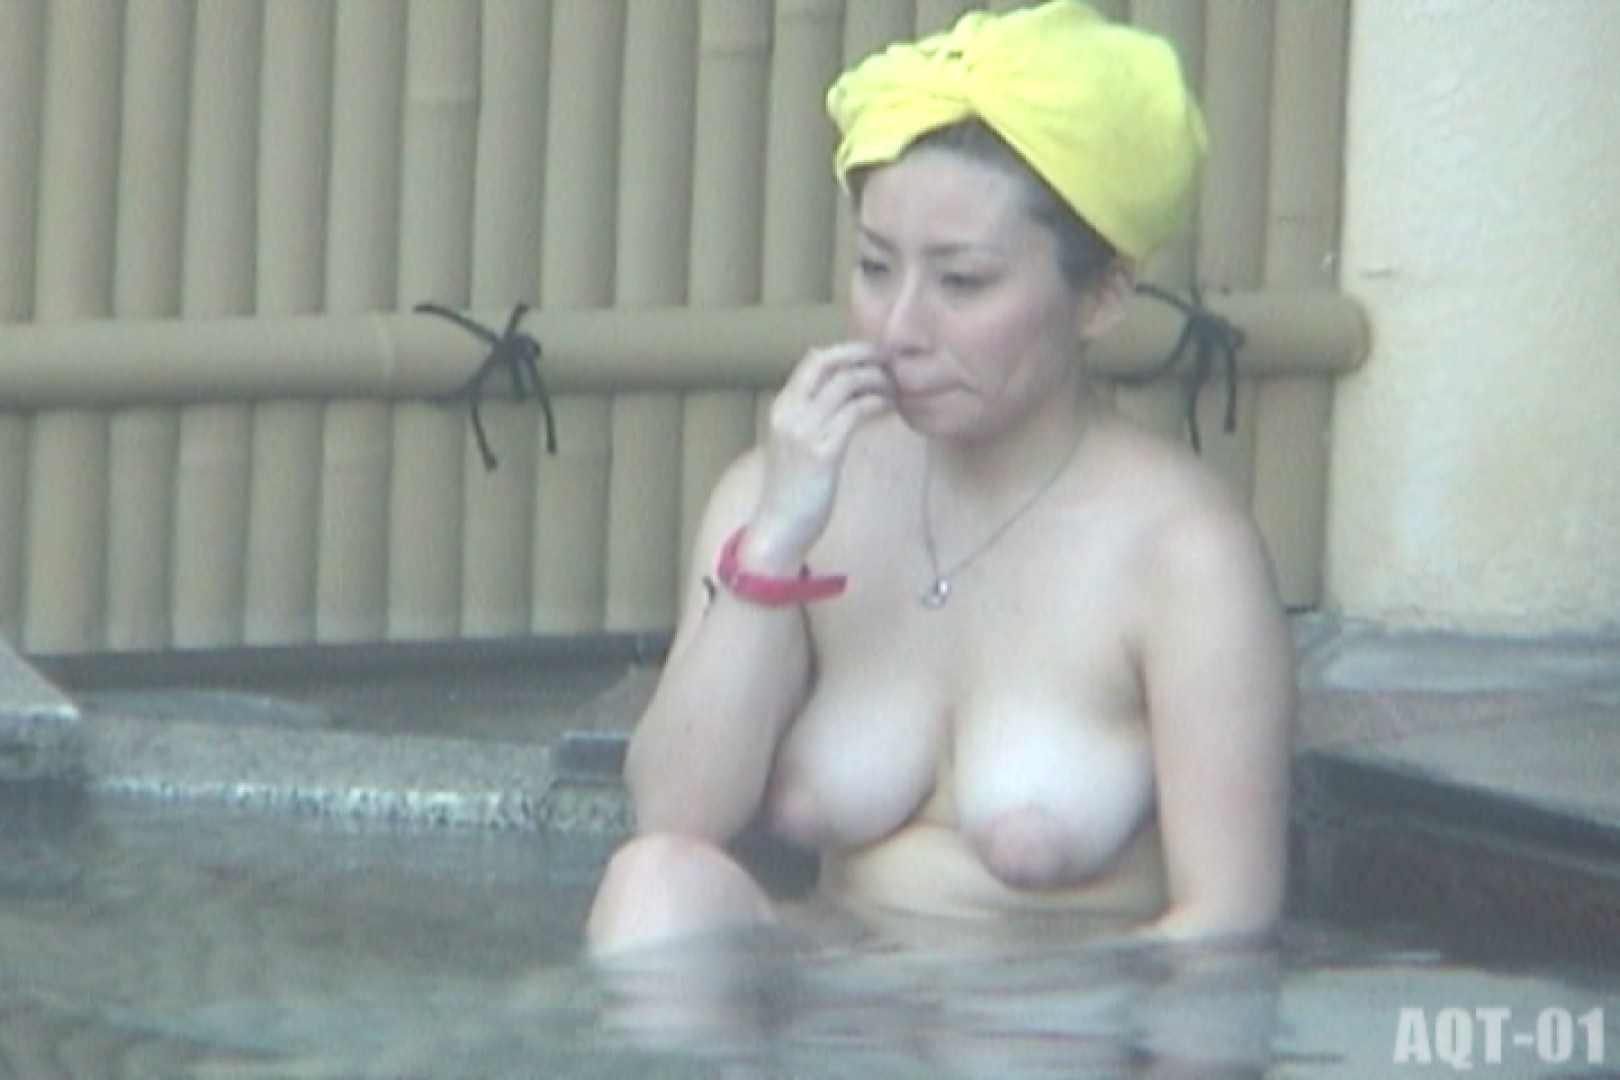 Aquaな露天風呂Vol.713 露天風呂  11枚 6